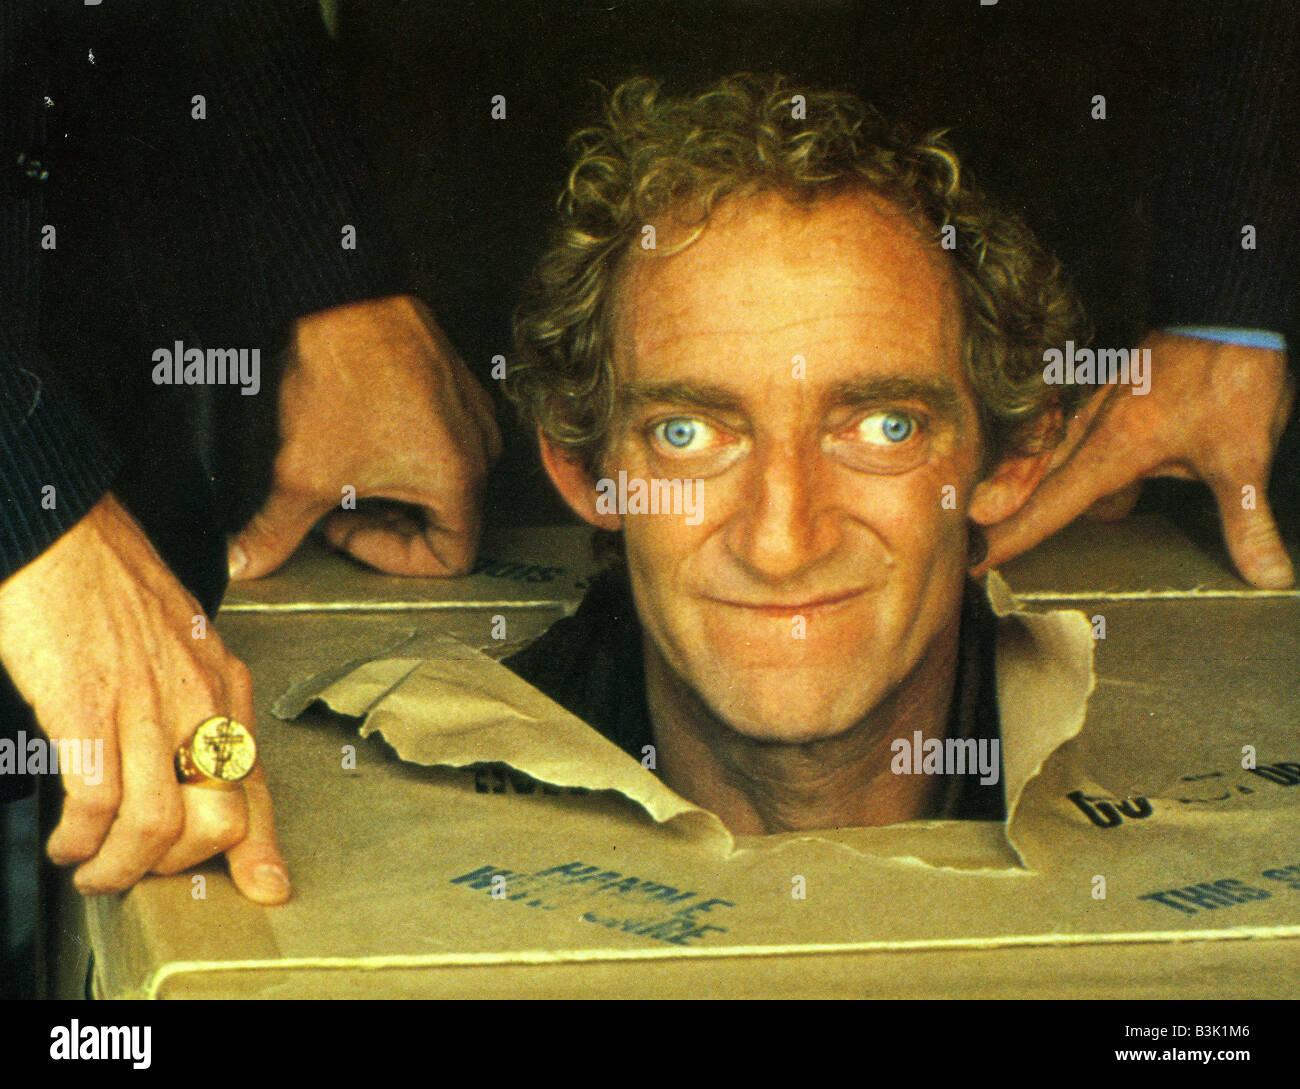 En dios confiamos en 1980 película Universal con Marty Feldman Foto de stock